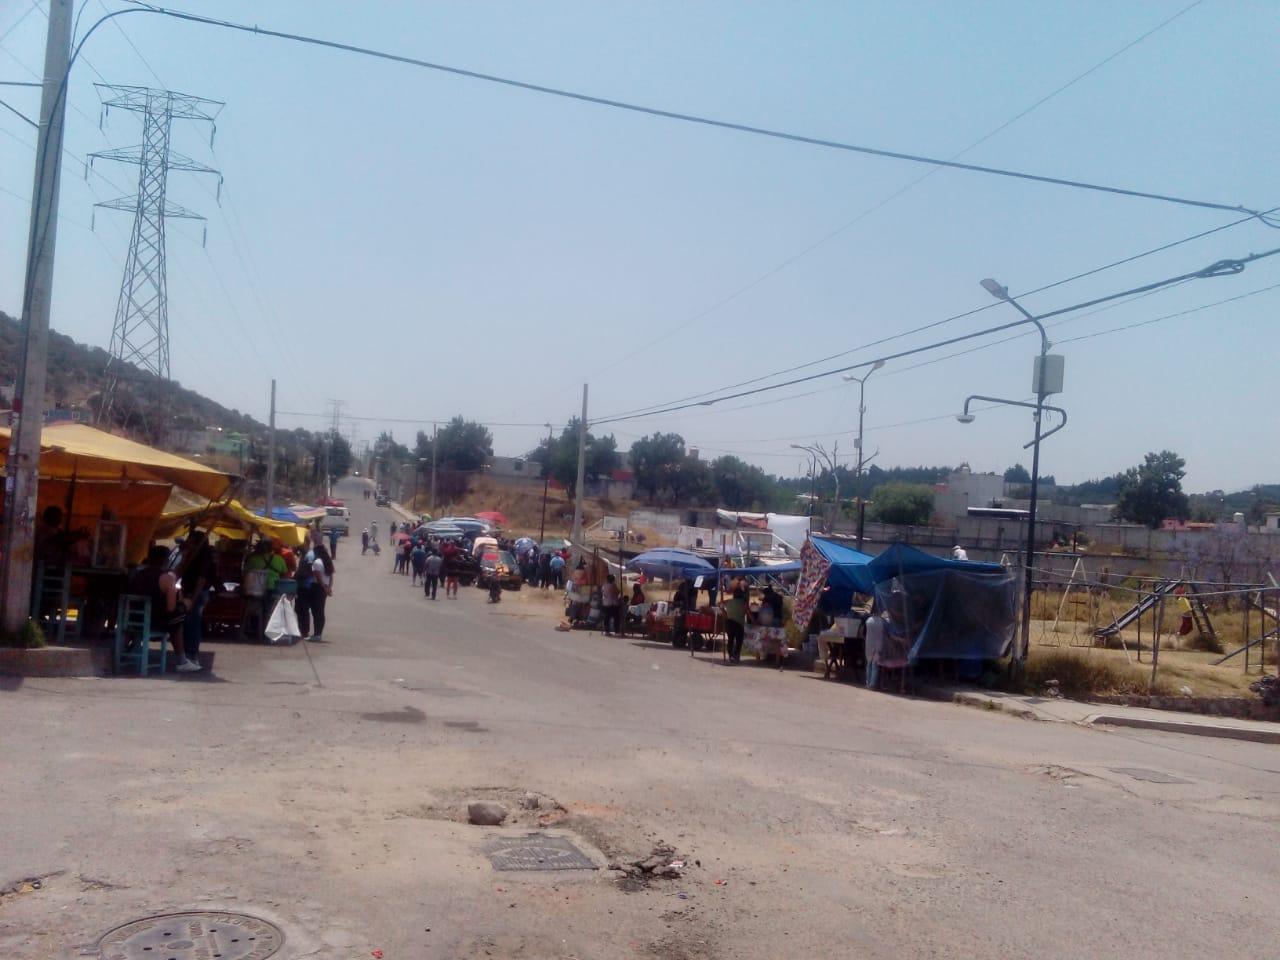 Hacen Viacrucis en Álamos Toltepec, Puebla ¡No le tienen miedo al Coronavirus!